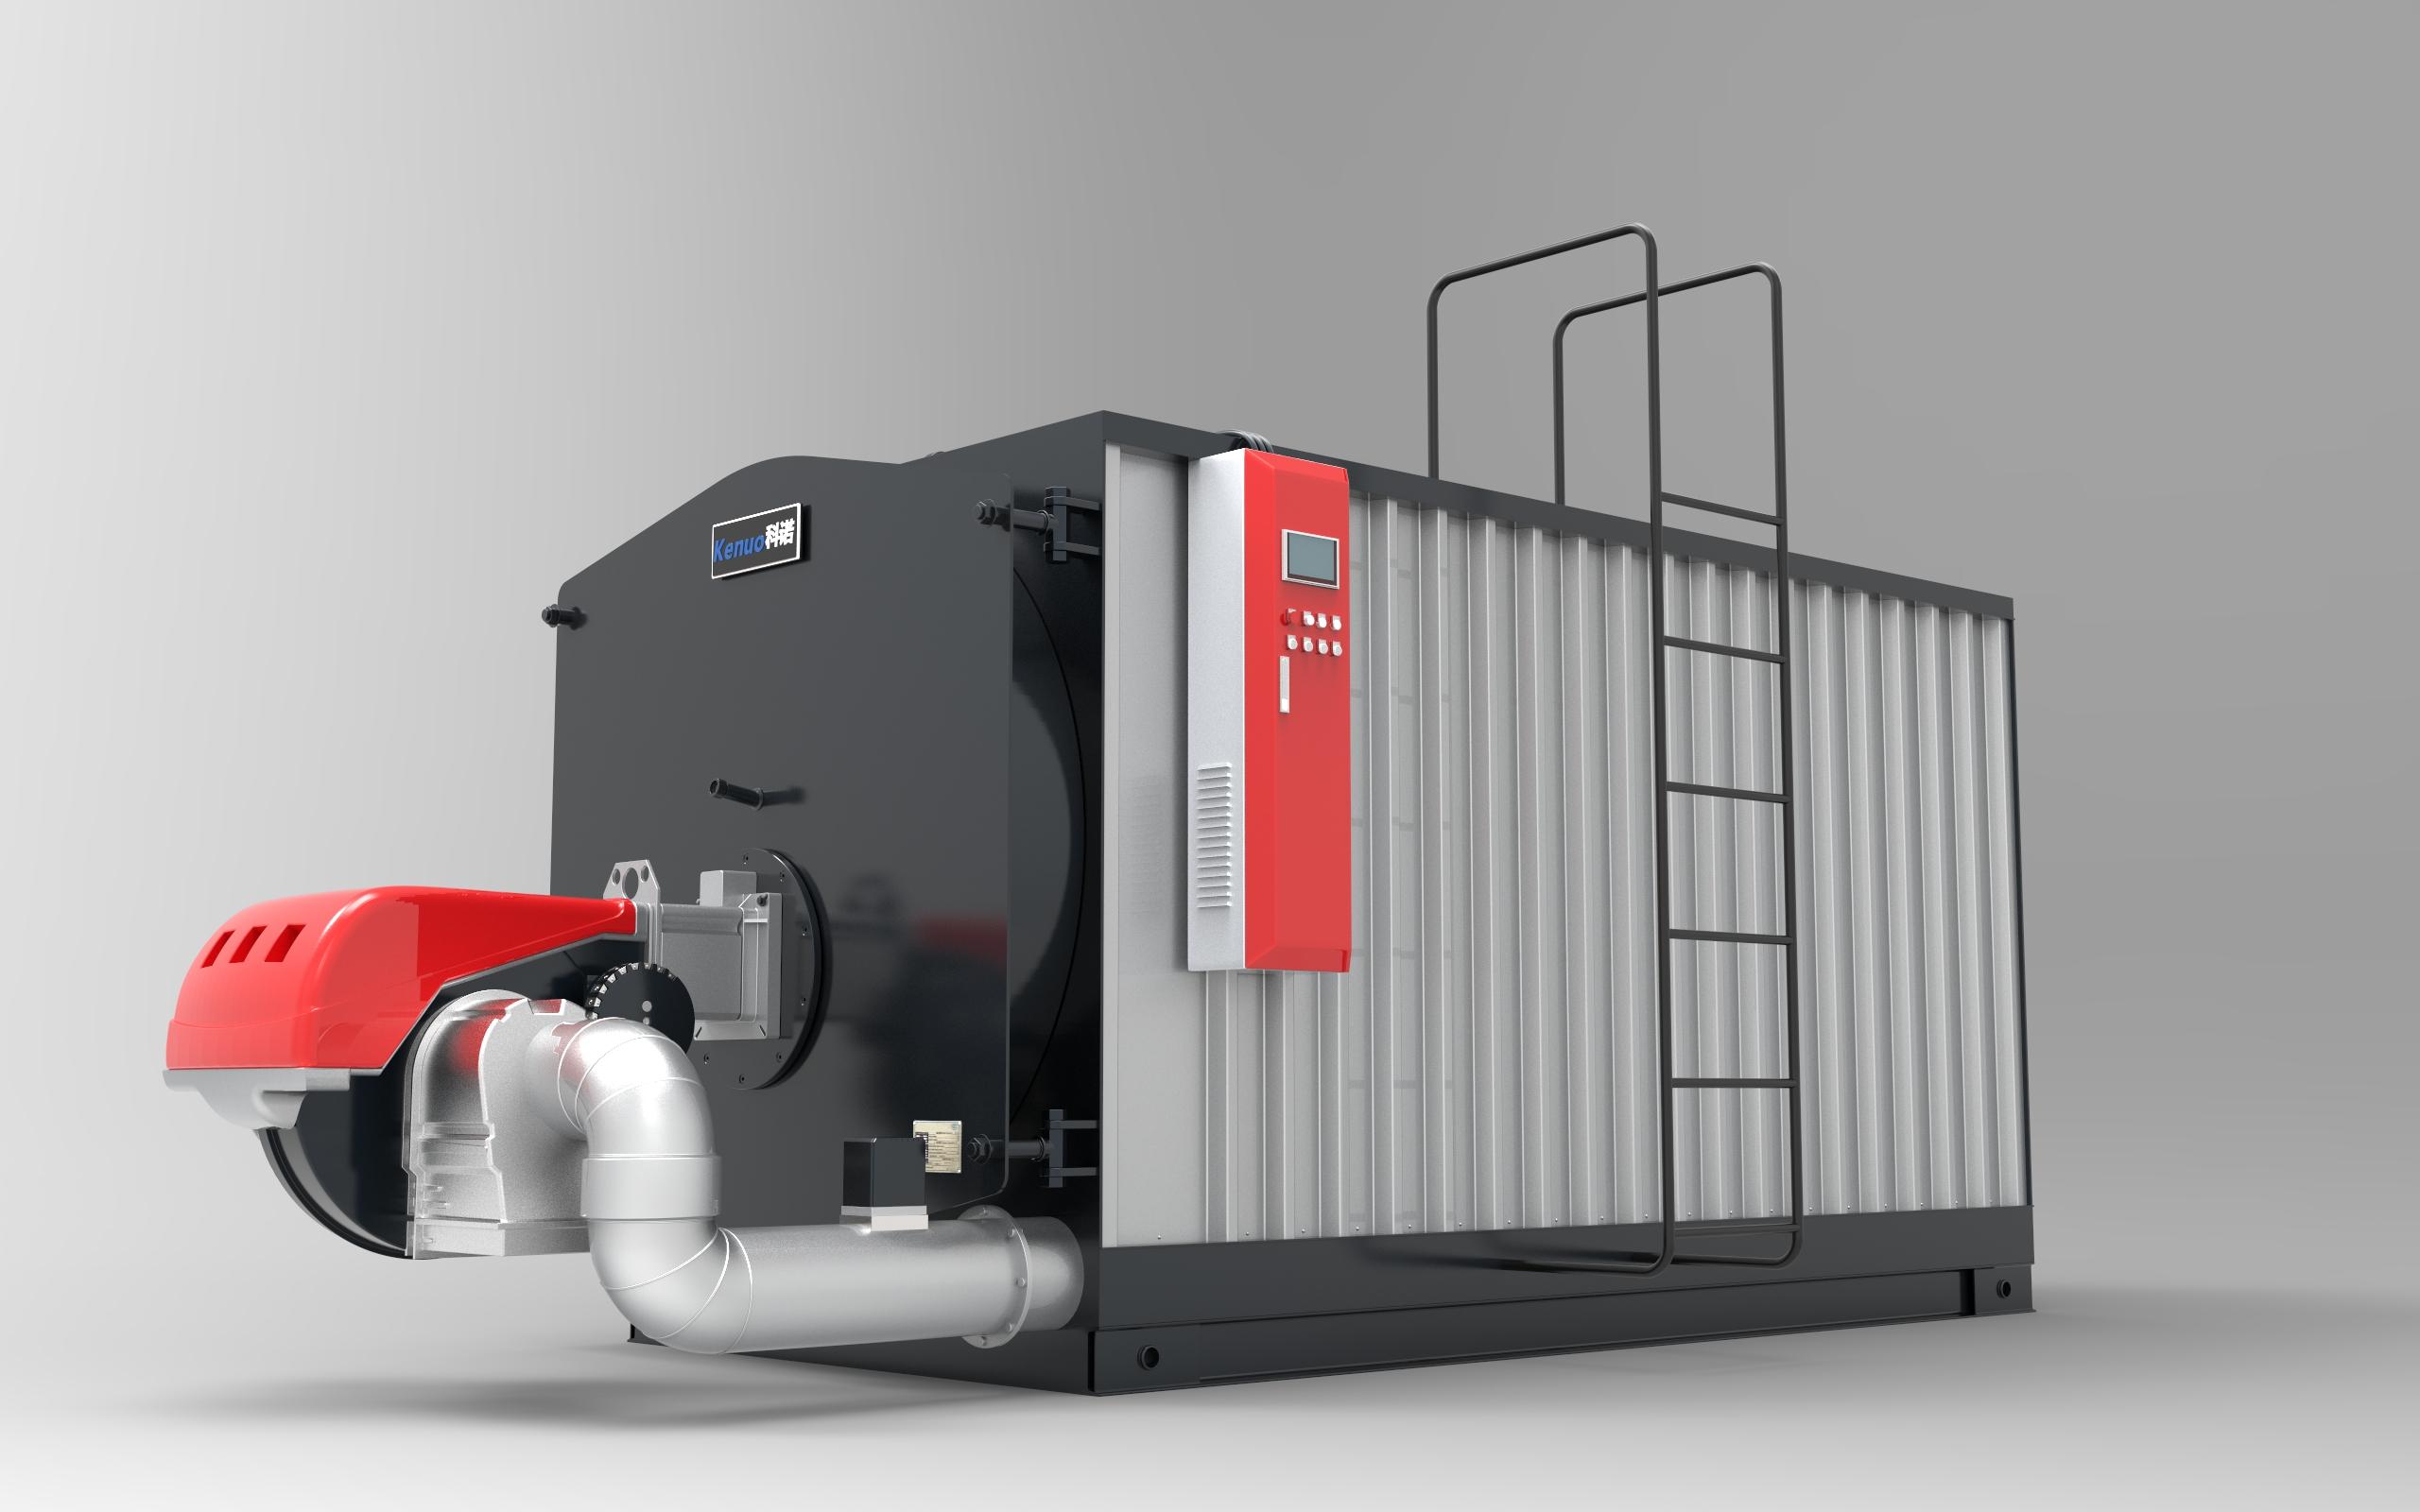 科诺低氮冷凝真空热水锅炉采用经典三回程全湿背式结构,内置冷凝器